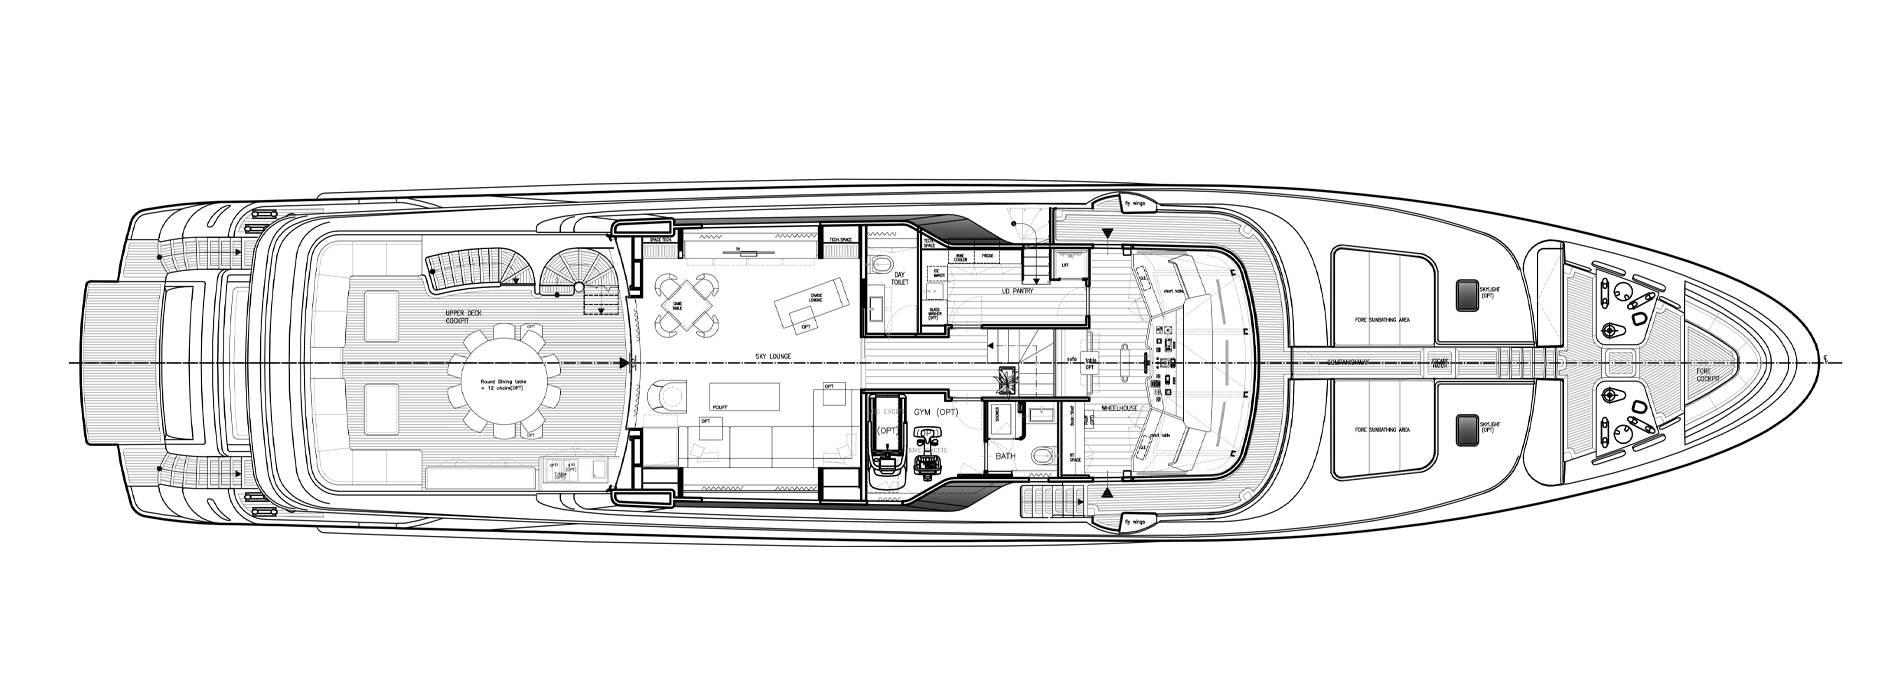 Sanlorenzo Yachts SD122-27 under offer Cubierta superior